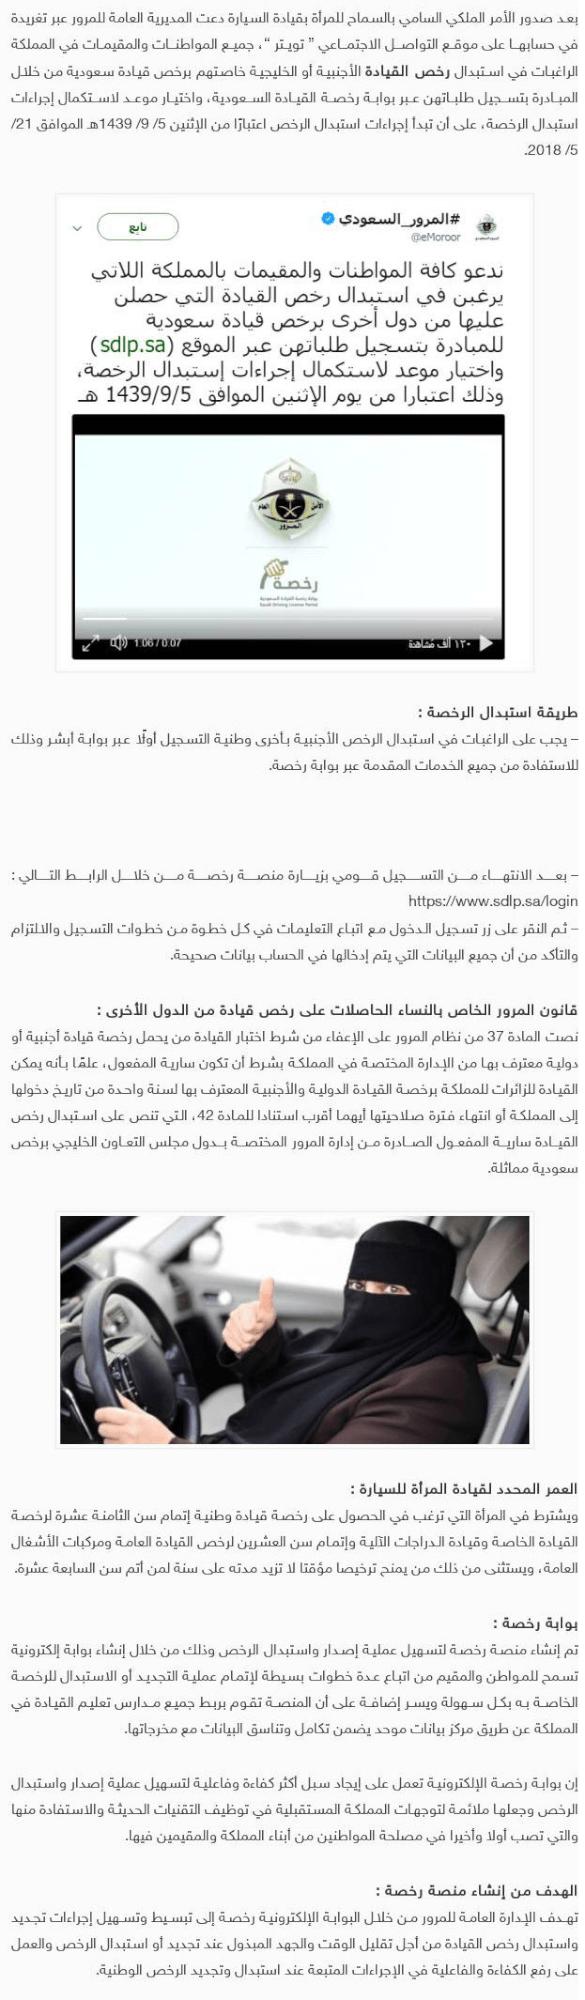 إستبدال رخص القيادة في المملكة للنساء عبر الموقع الرسمي